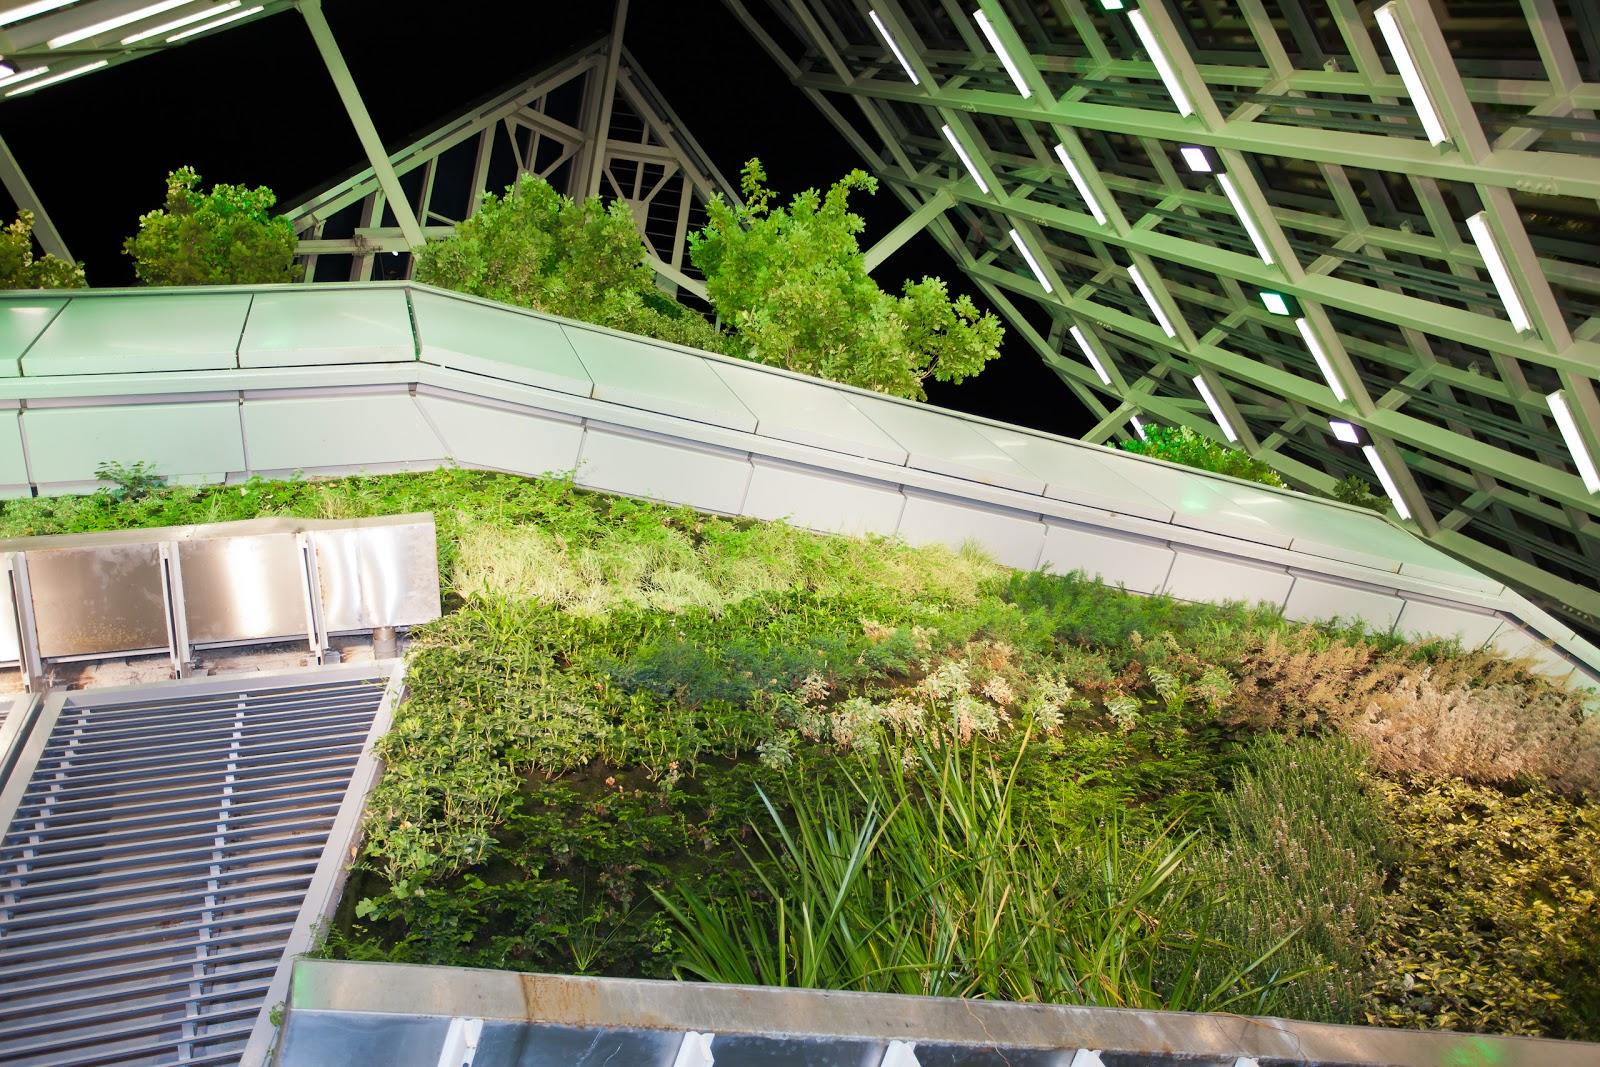 Nuevo blog de jardines verticales de isla verde jardines for Verde vertical jardines verticales